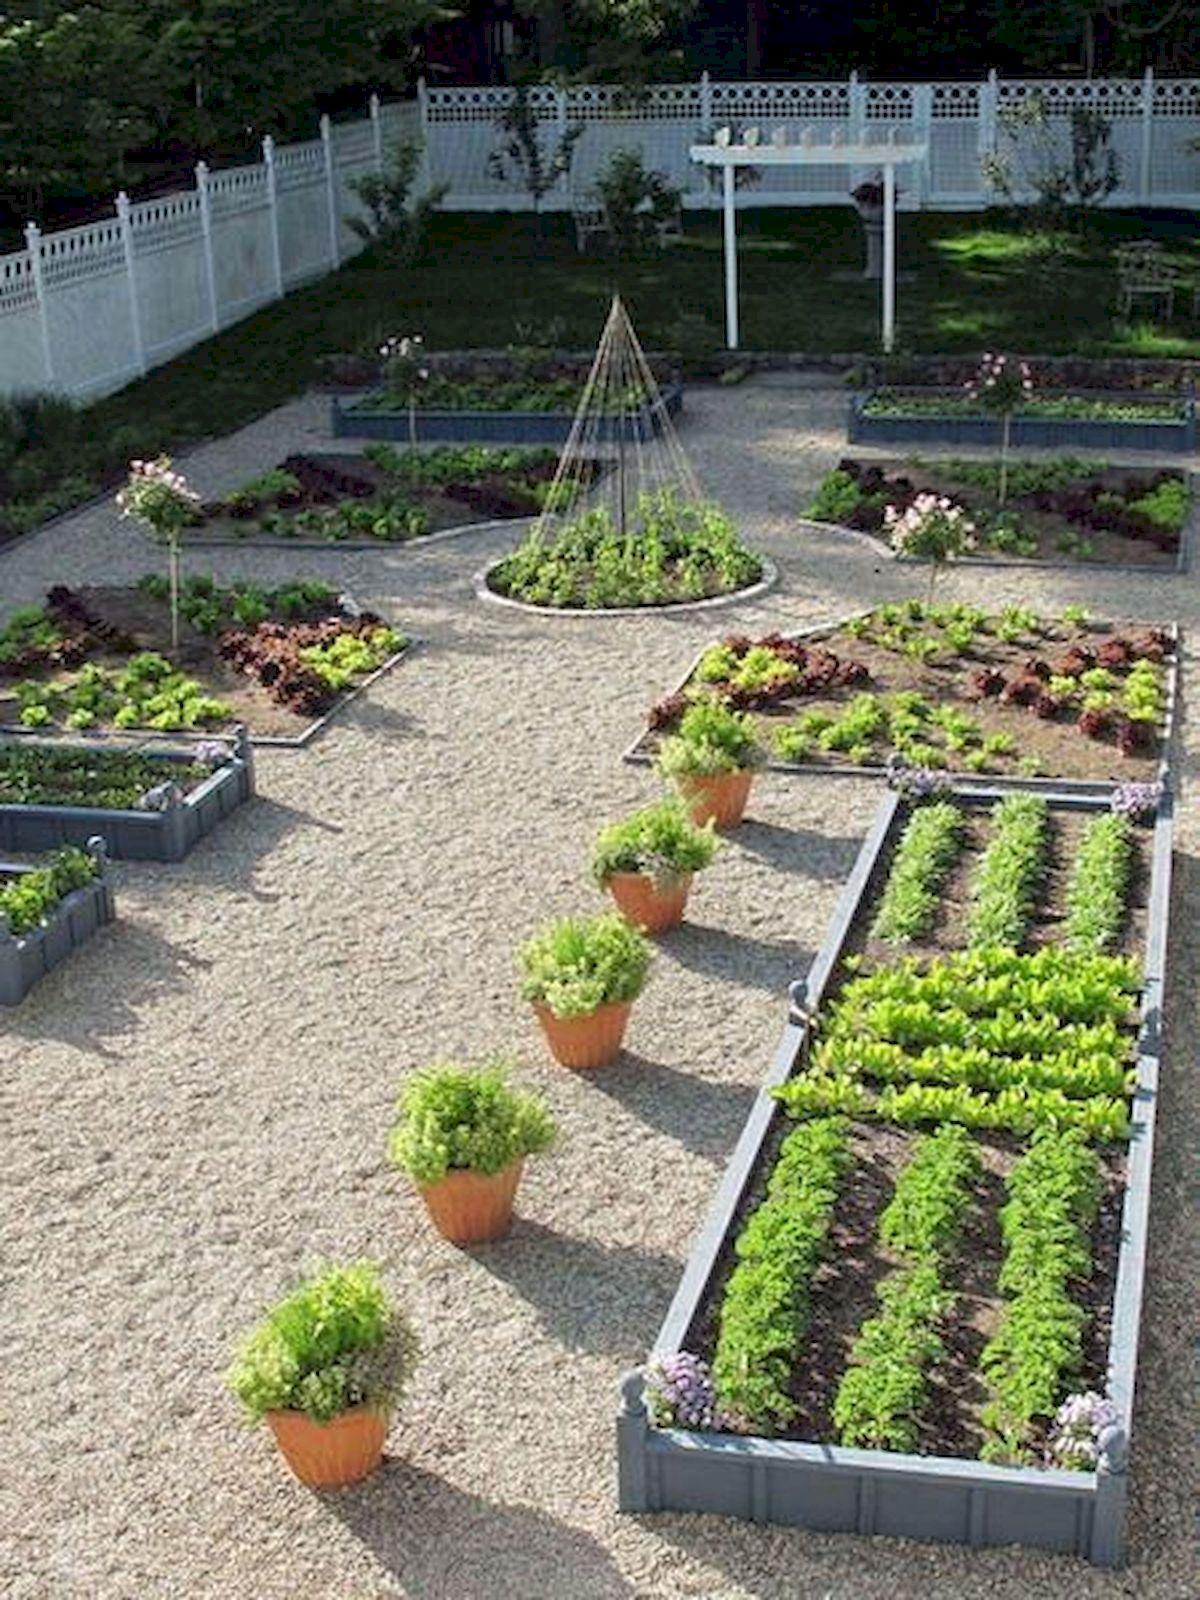 50 Inspiring Small Vegetable Garden Ideas (47)